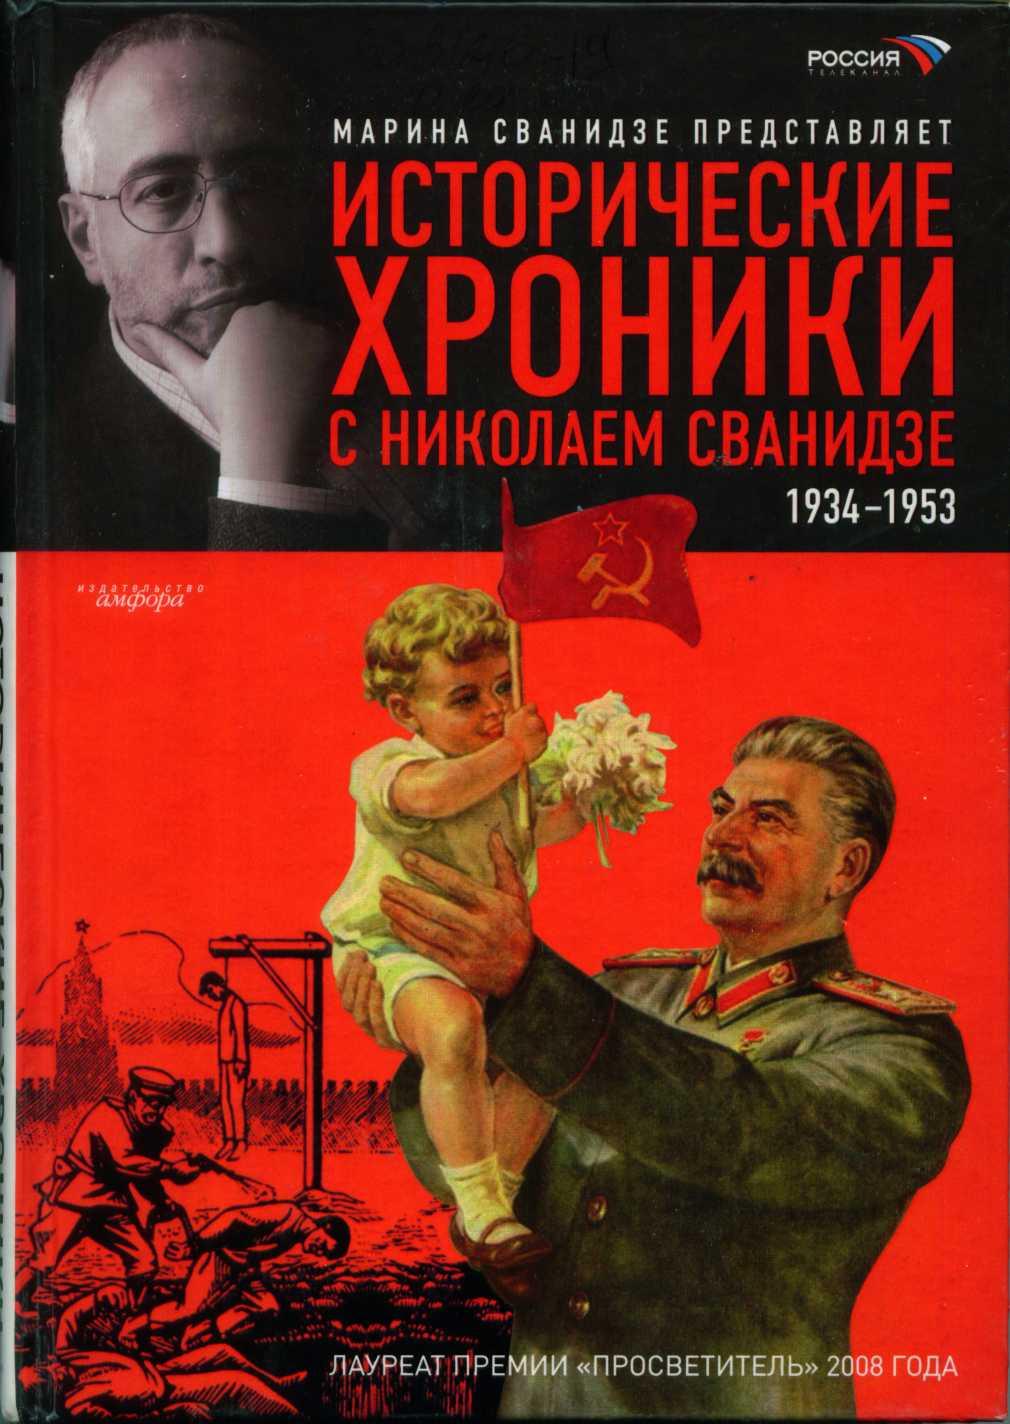 Скачать книгу бесплатно исторические